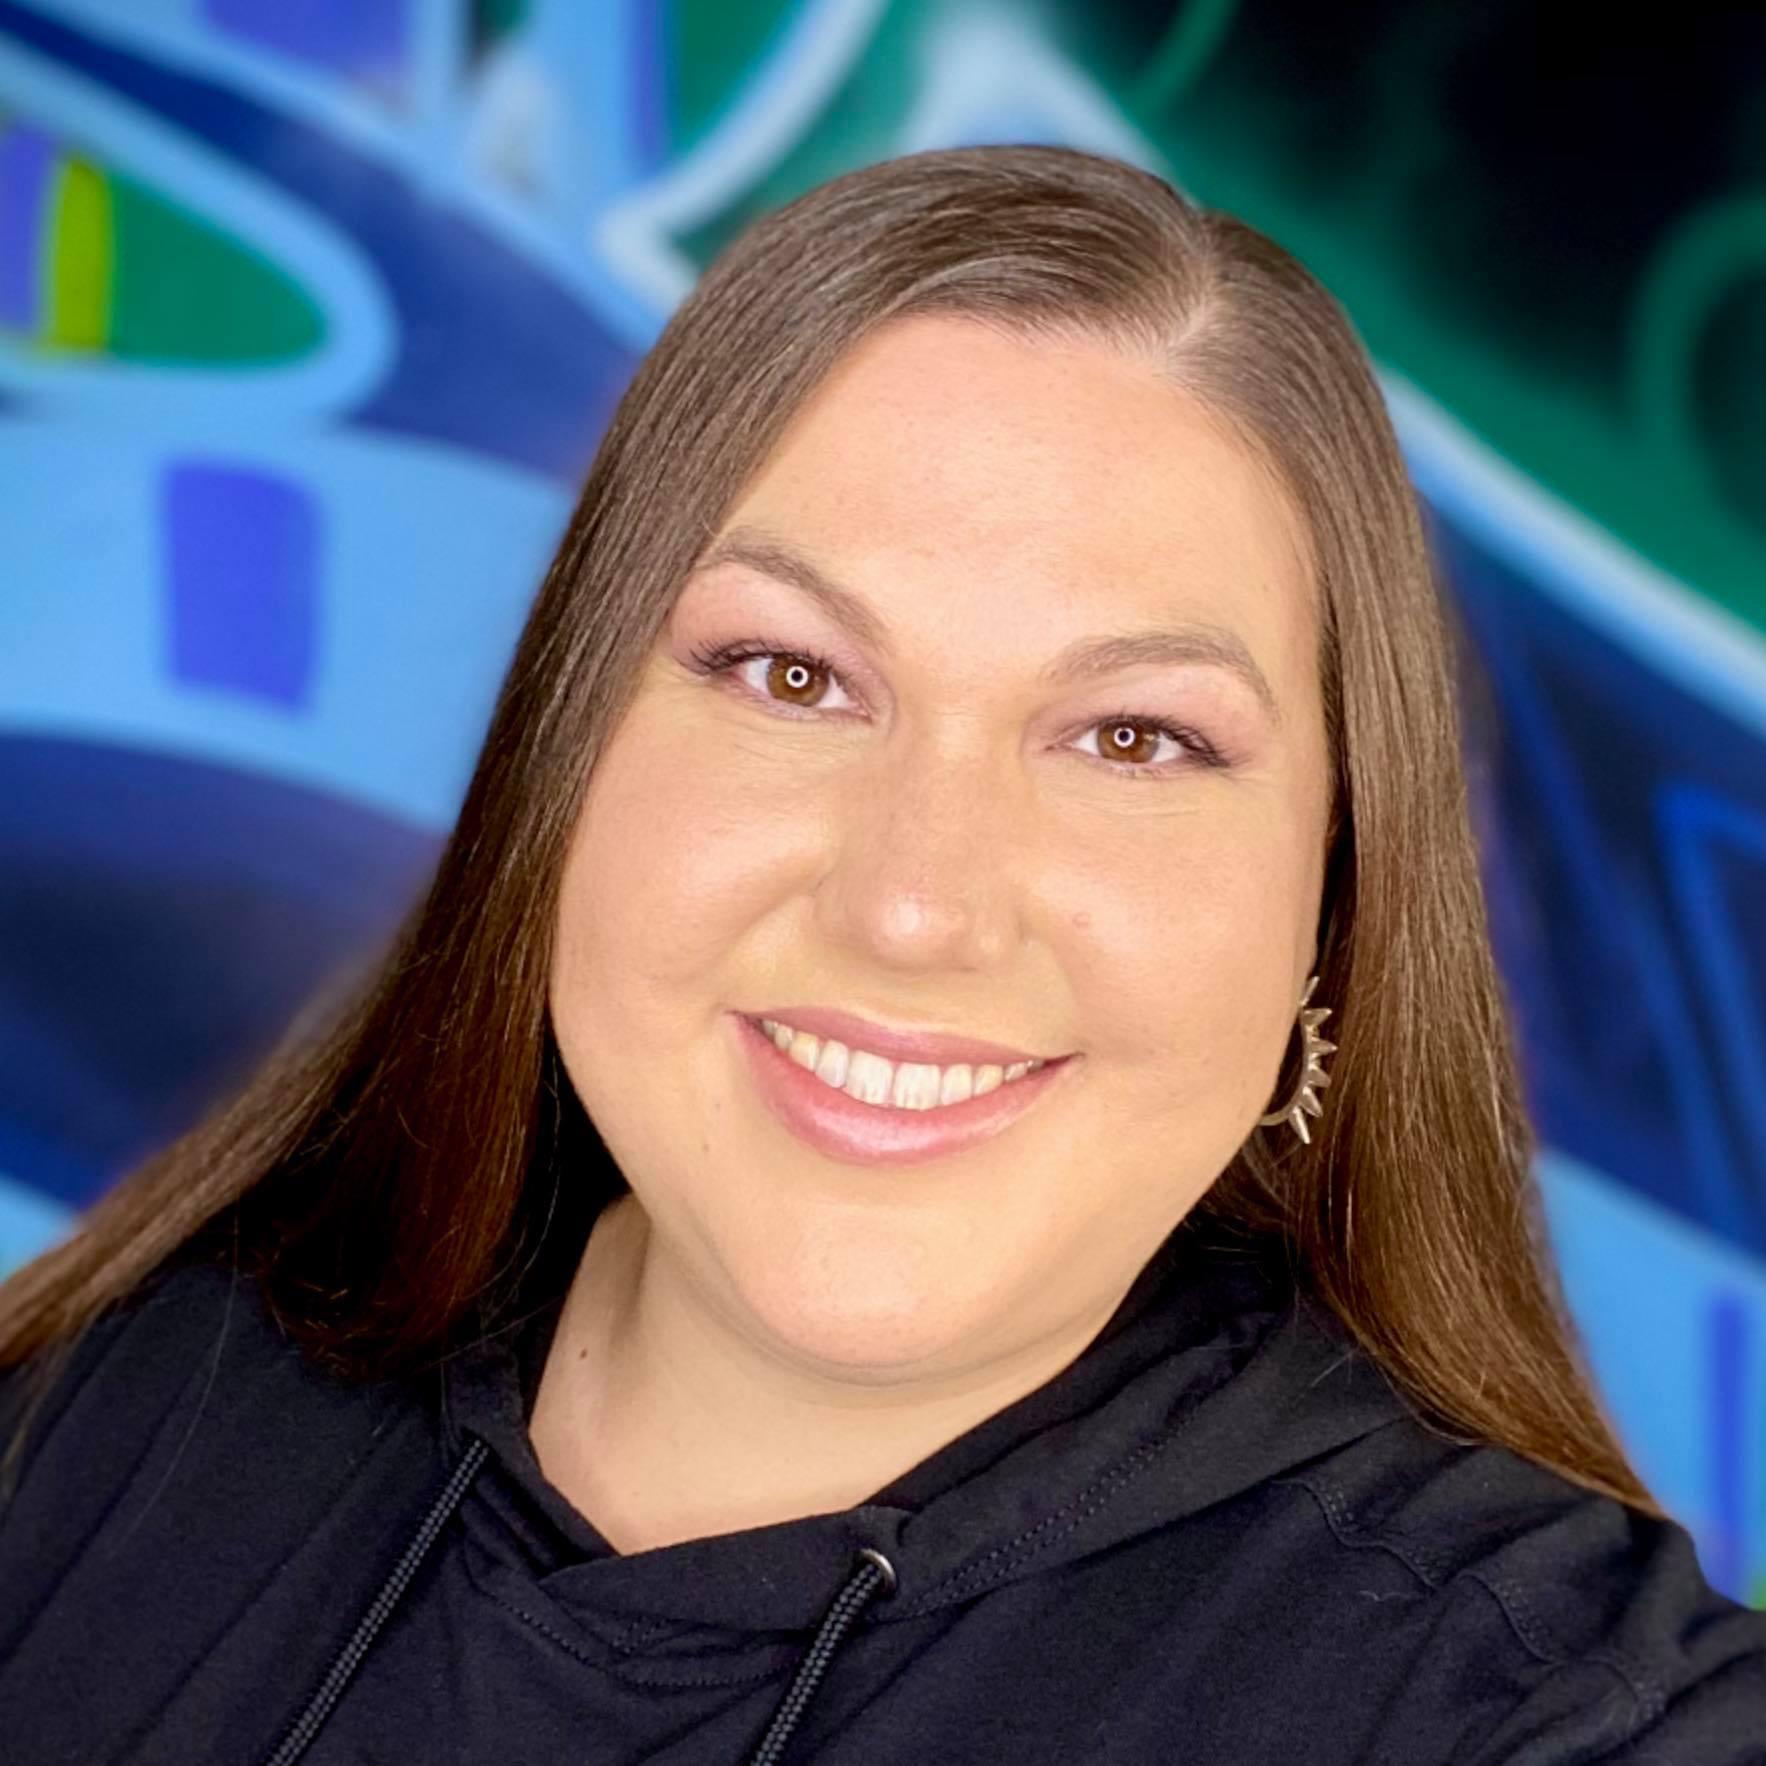 Picture of Bianca Sanchez